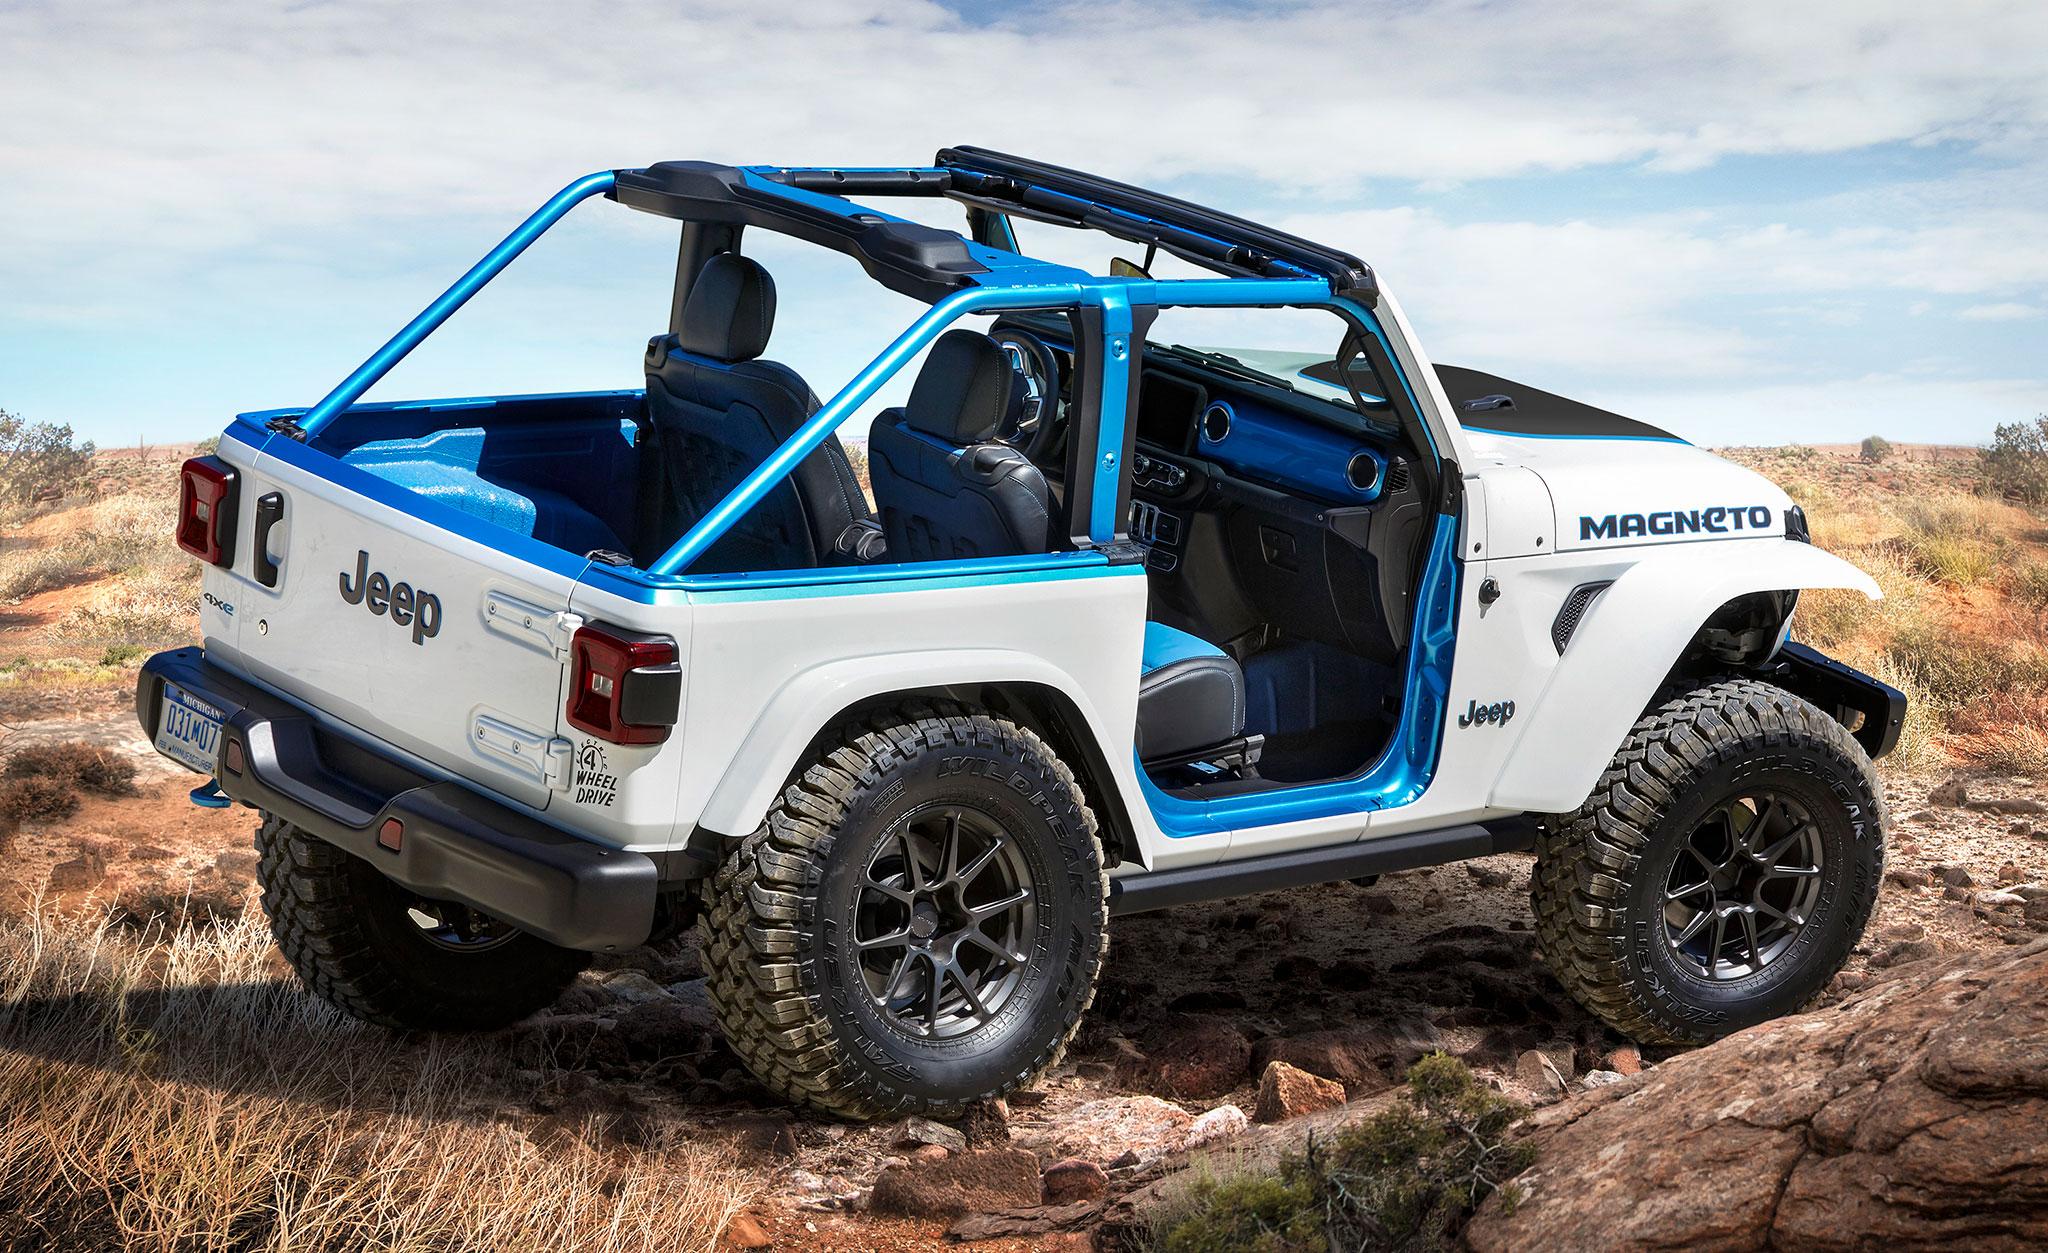 2021 Jeep Wrangler Magneto Concept trois quart arrière droit - Concept Cars de Jeep®.